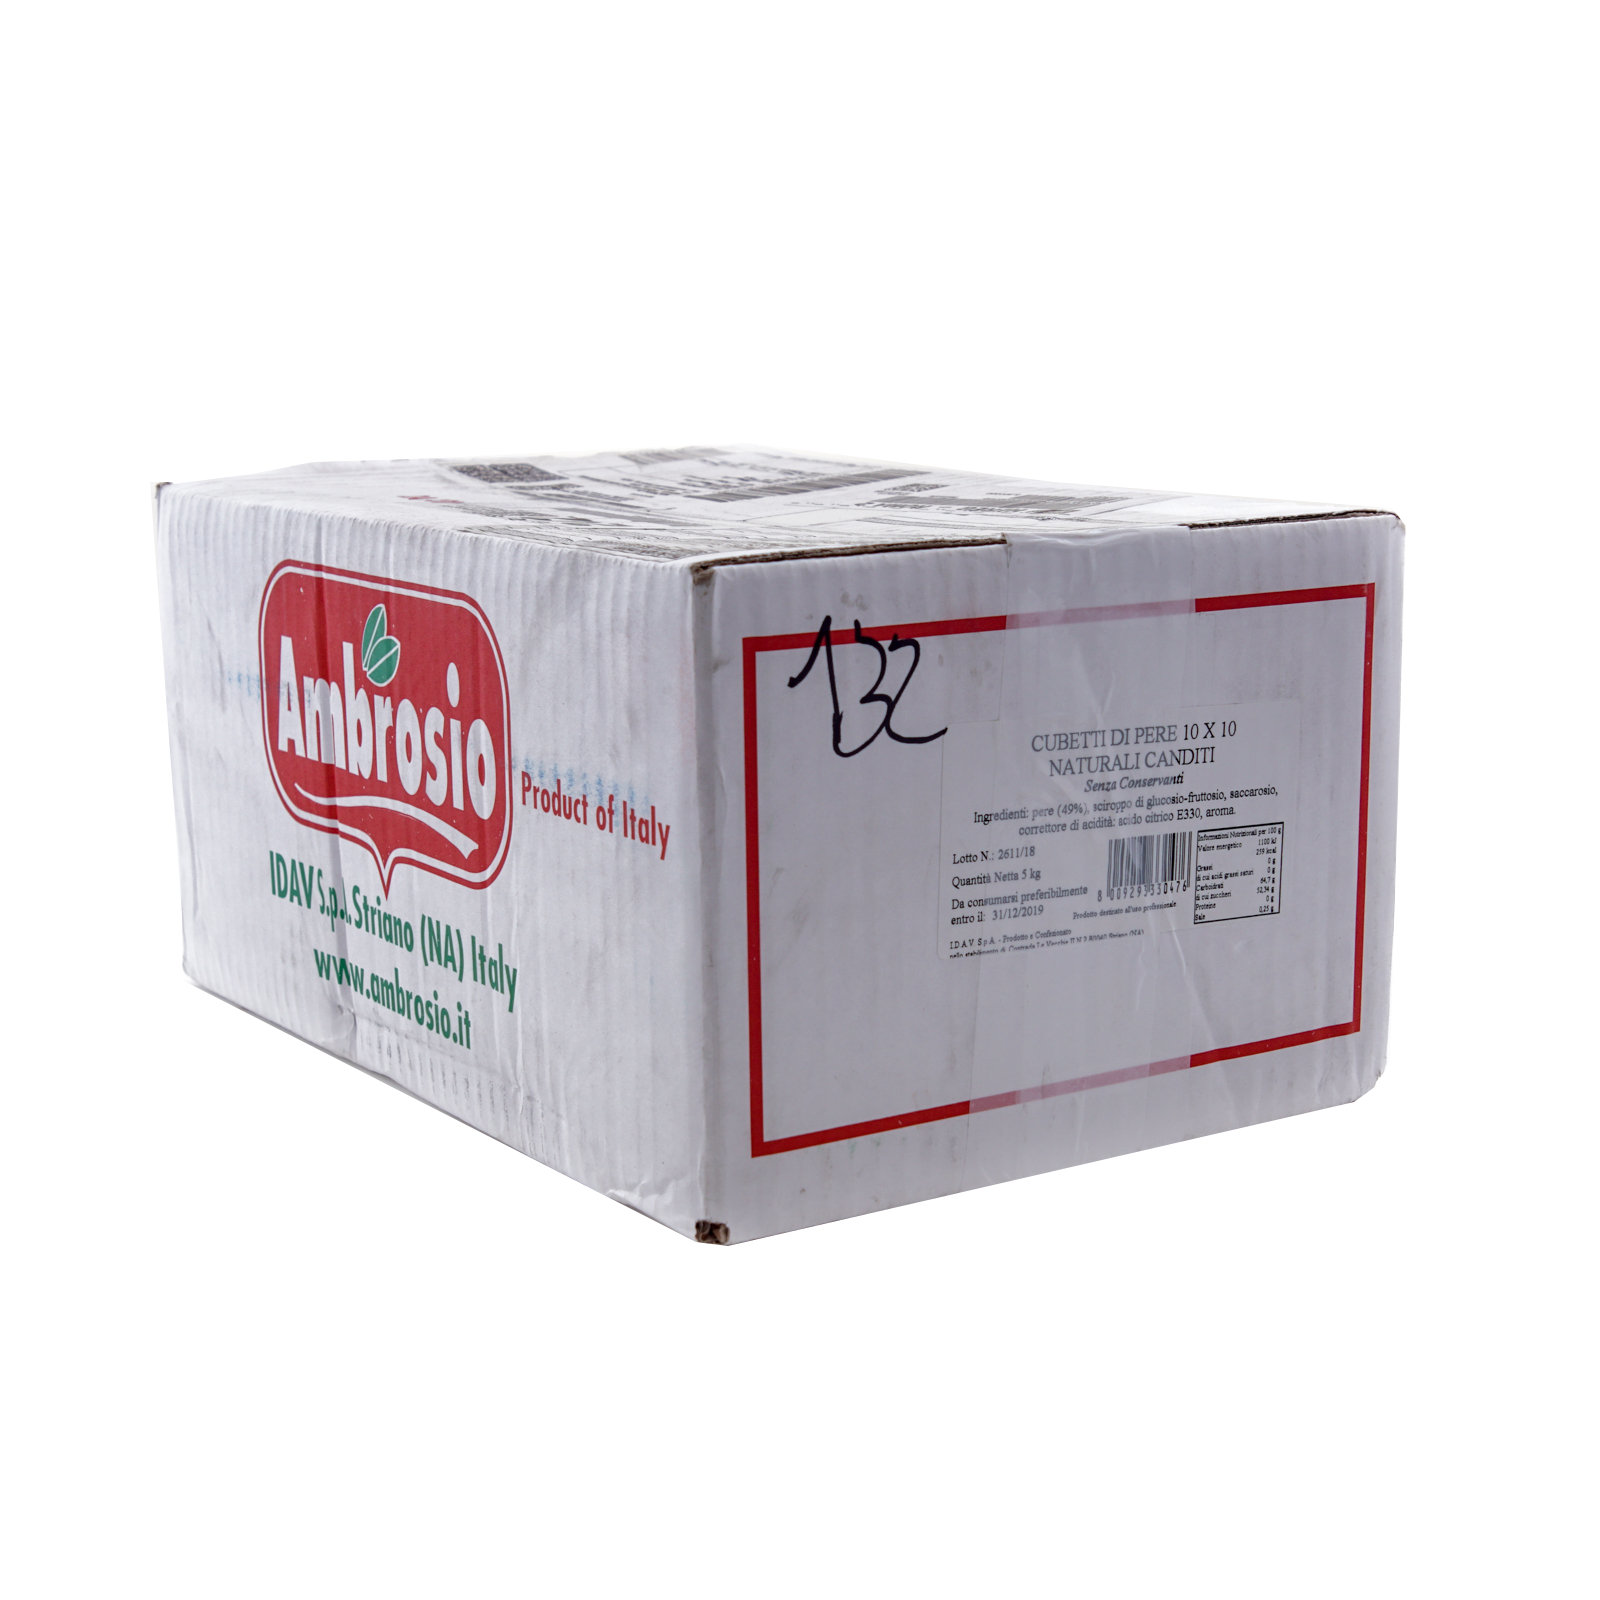 AMBROSIO – PERE BIANCHE CUBETTI CANDITI 10X10 KG. 5